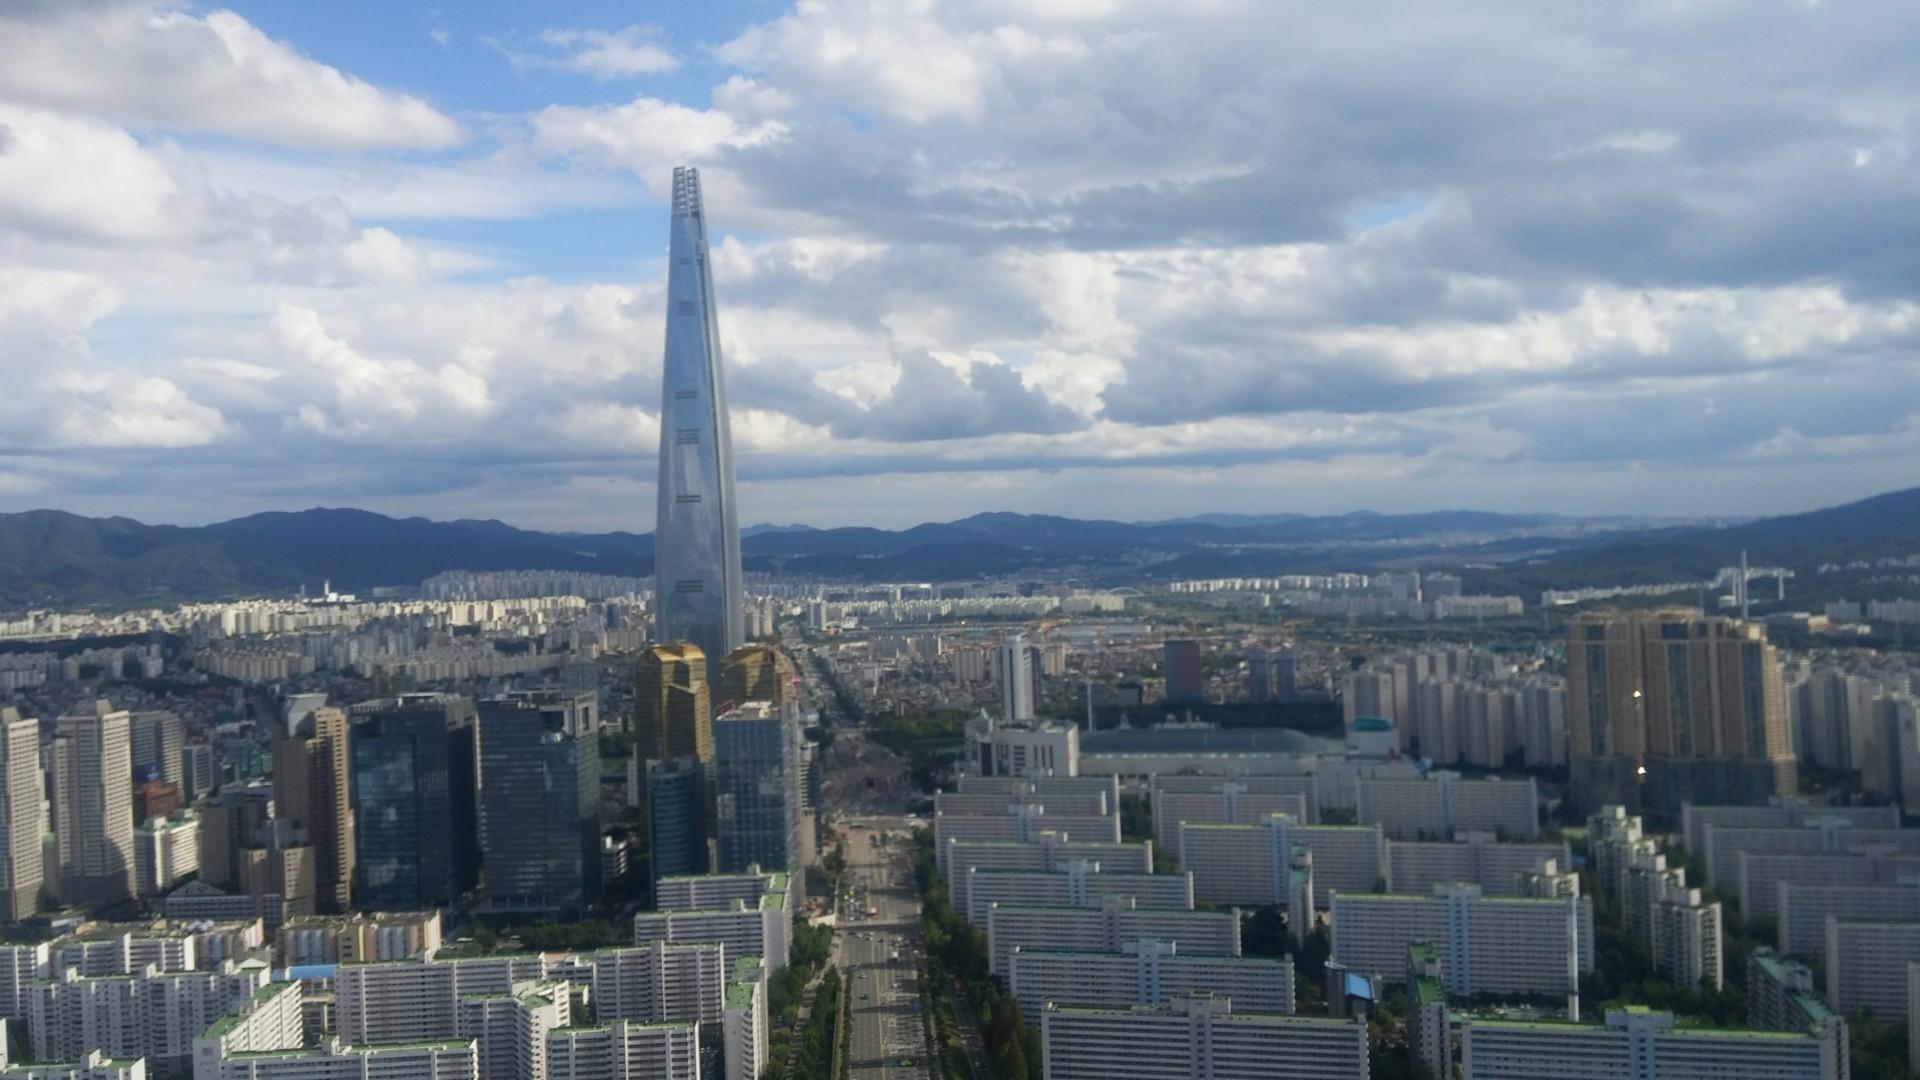 La Lotte World Tower, le cinquième plus haut gratte-ciel au monde, est à Séoul